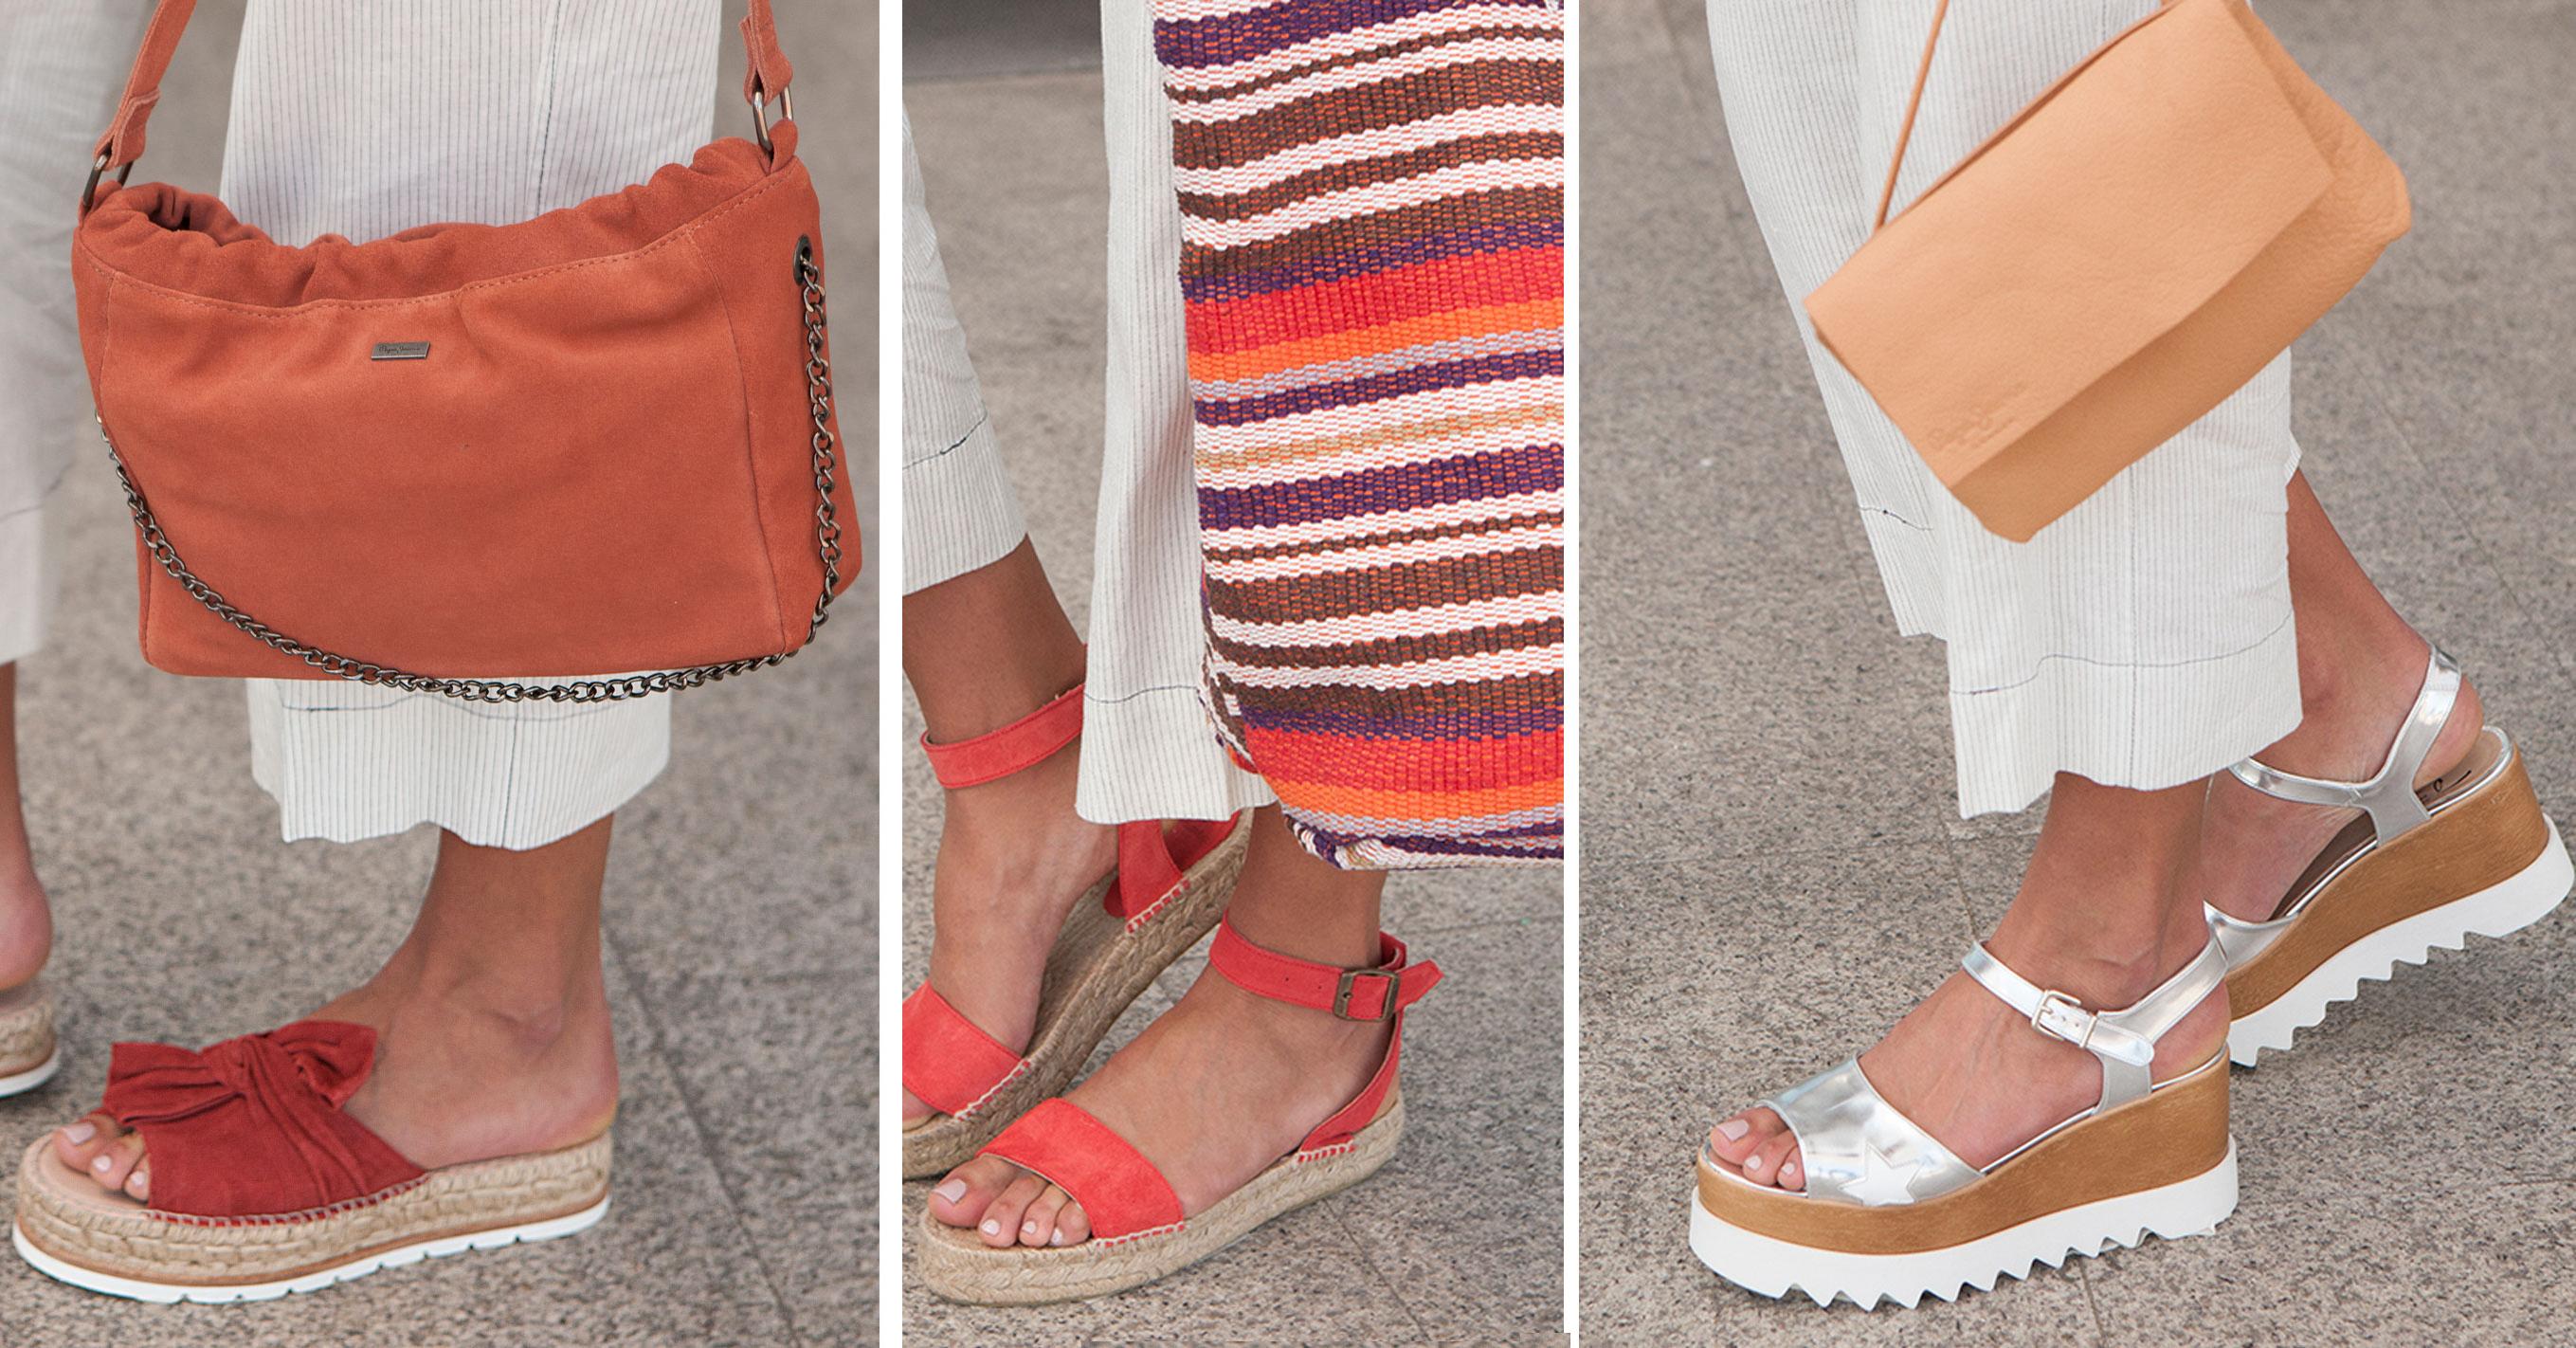 4 dúos de bolso + zapato para complementar tu look según la ocasión